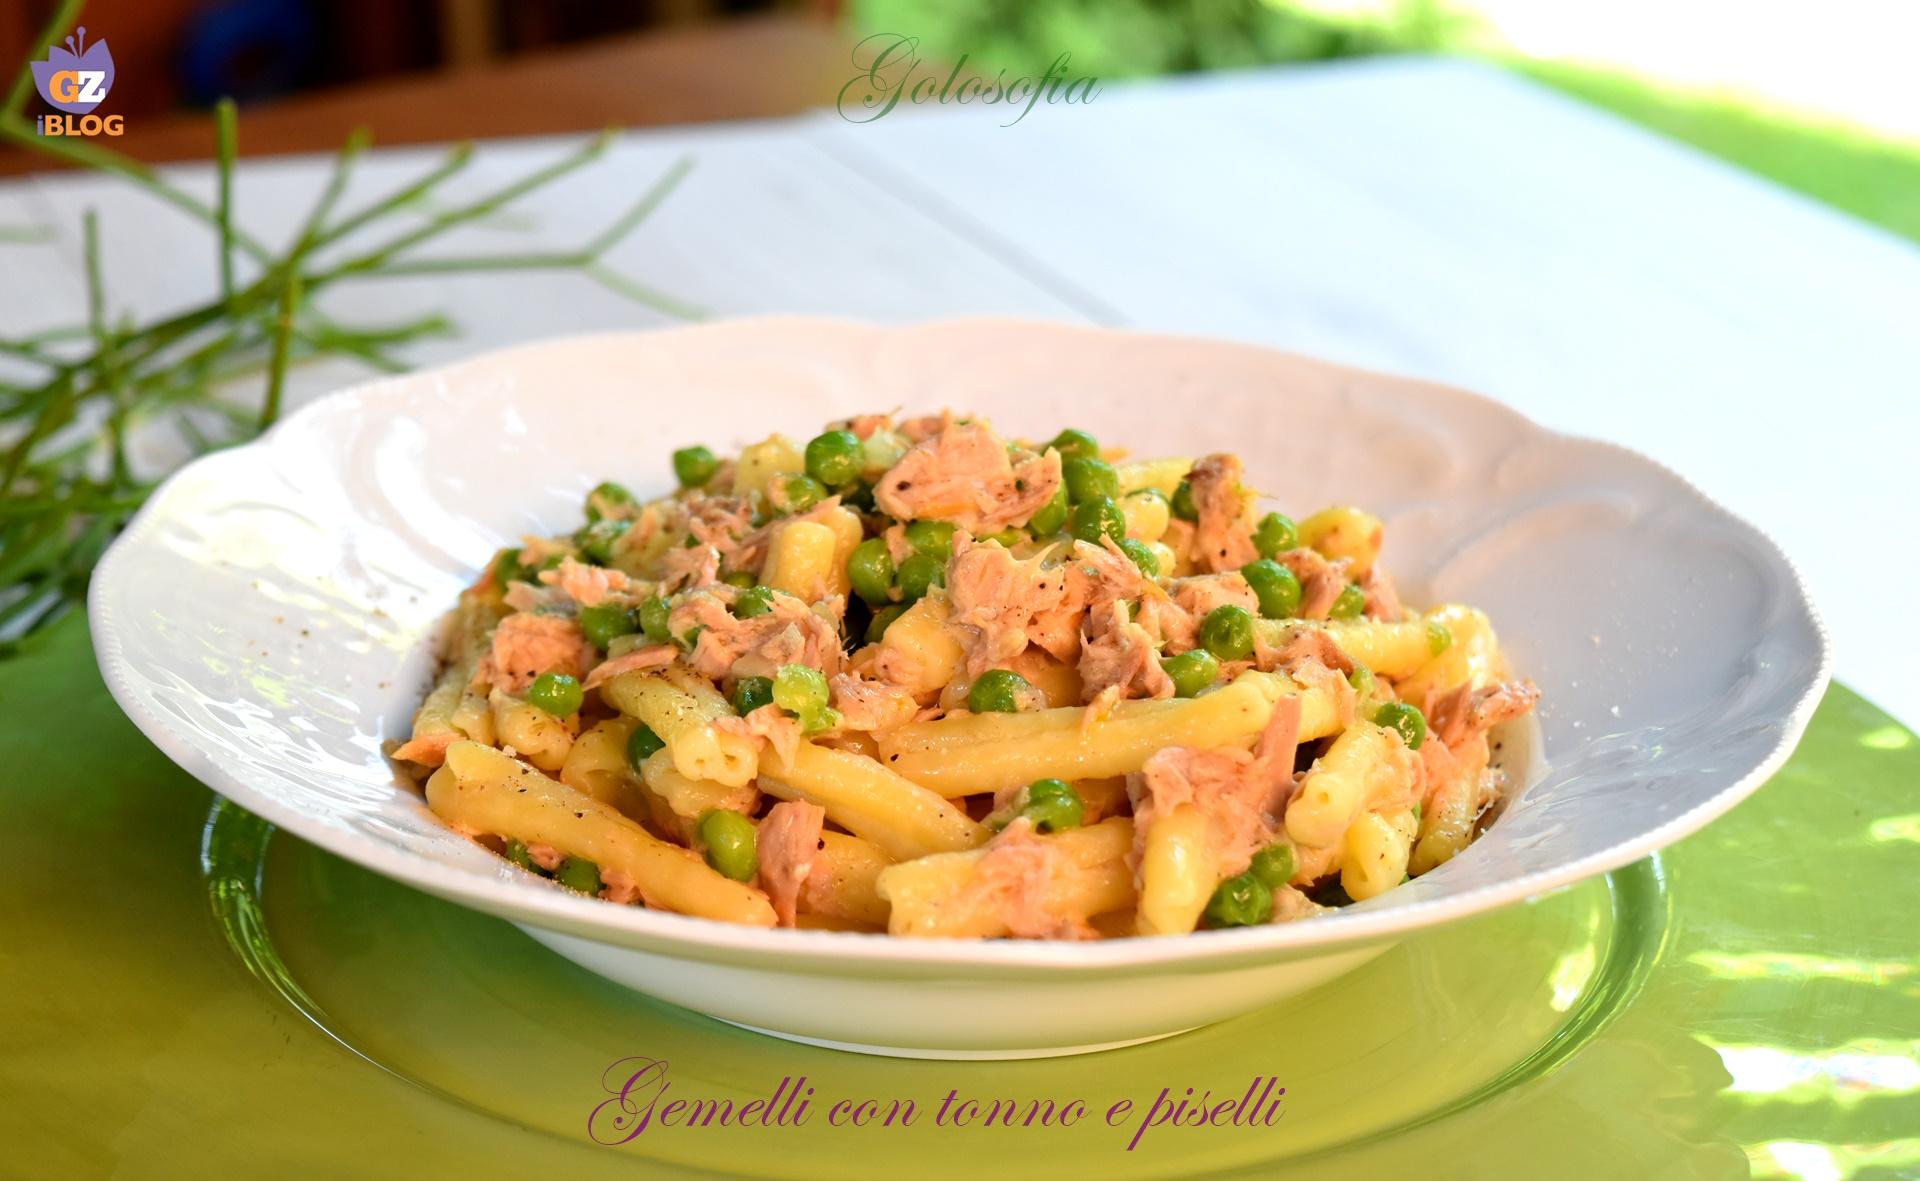 Gemelli con tonno e piselli, ricetta semplice e gustosa